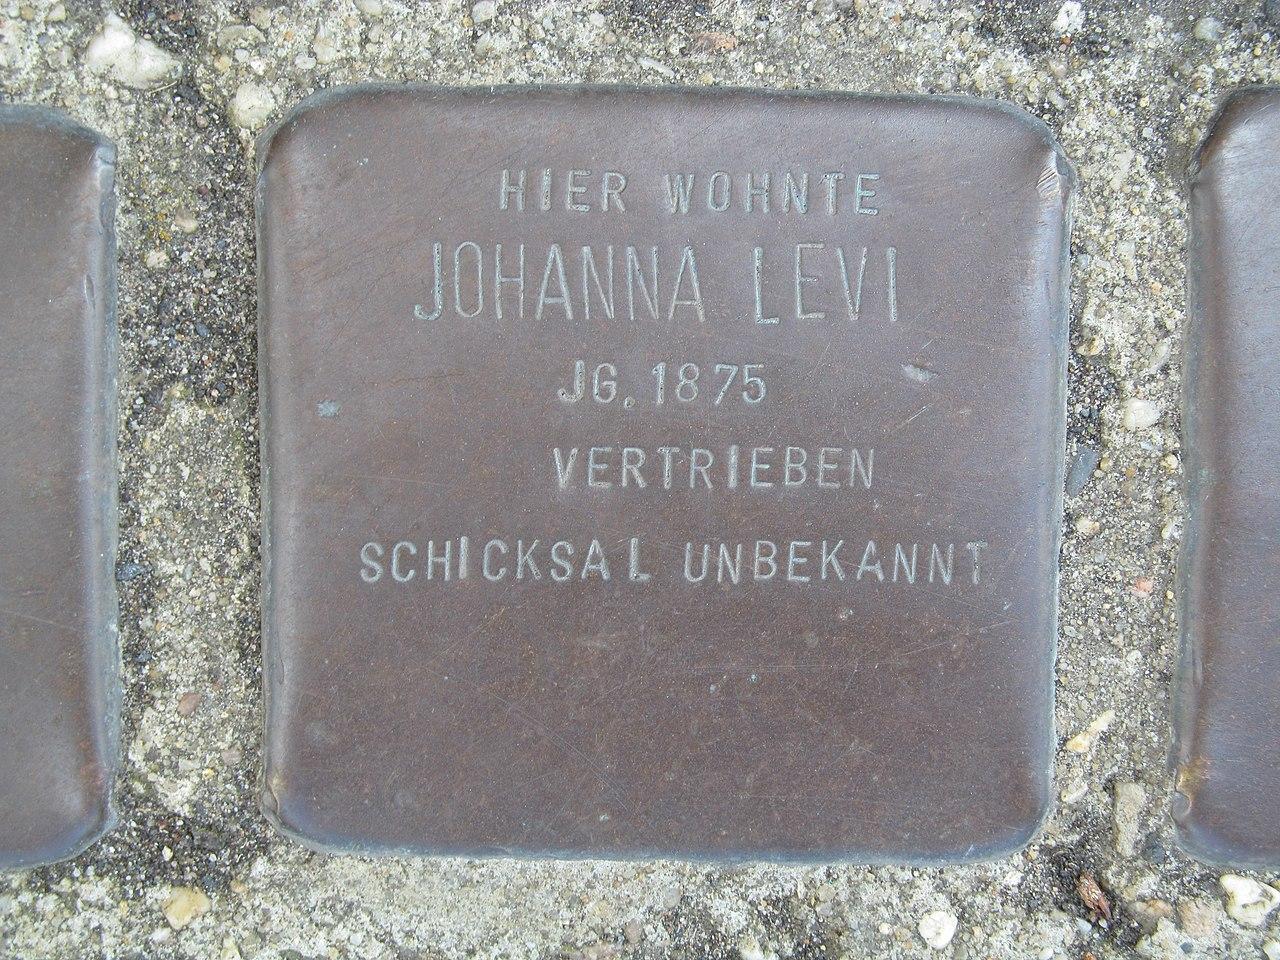 der Stolperstein für Johanna Levi vor dem Haus Wiegelsweg 2 in der Friedrich-Ebert-Straße in Treysa